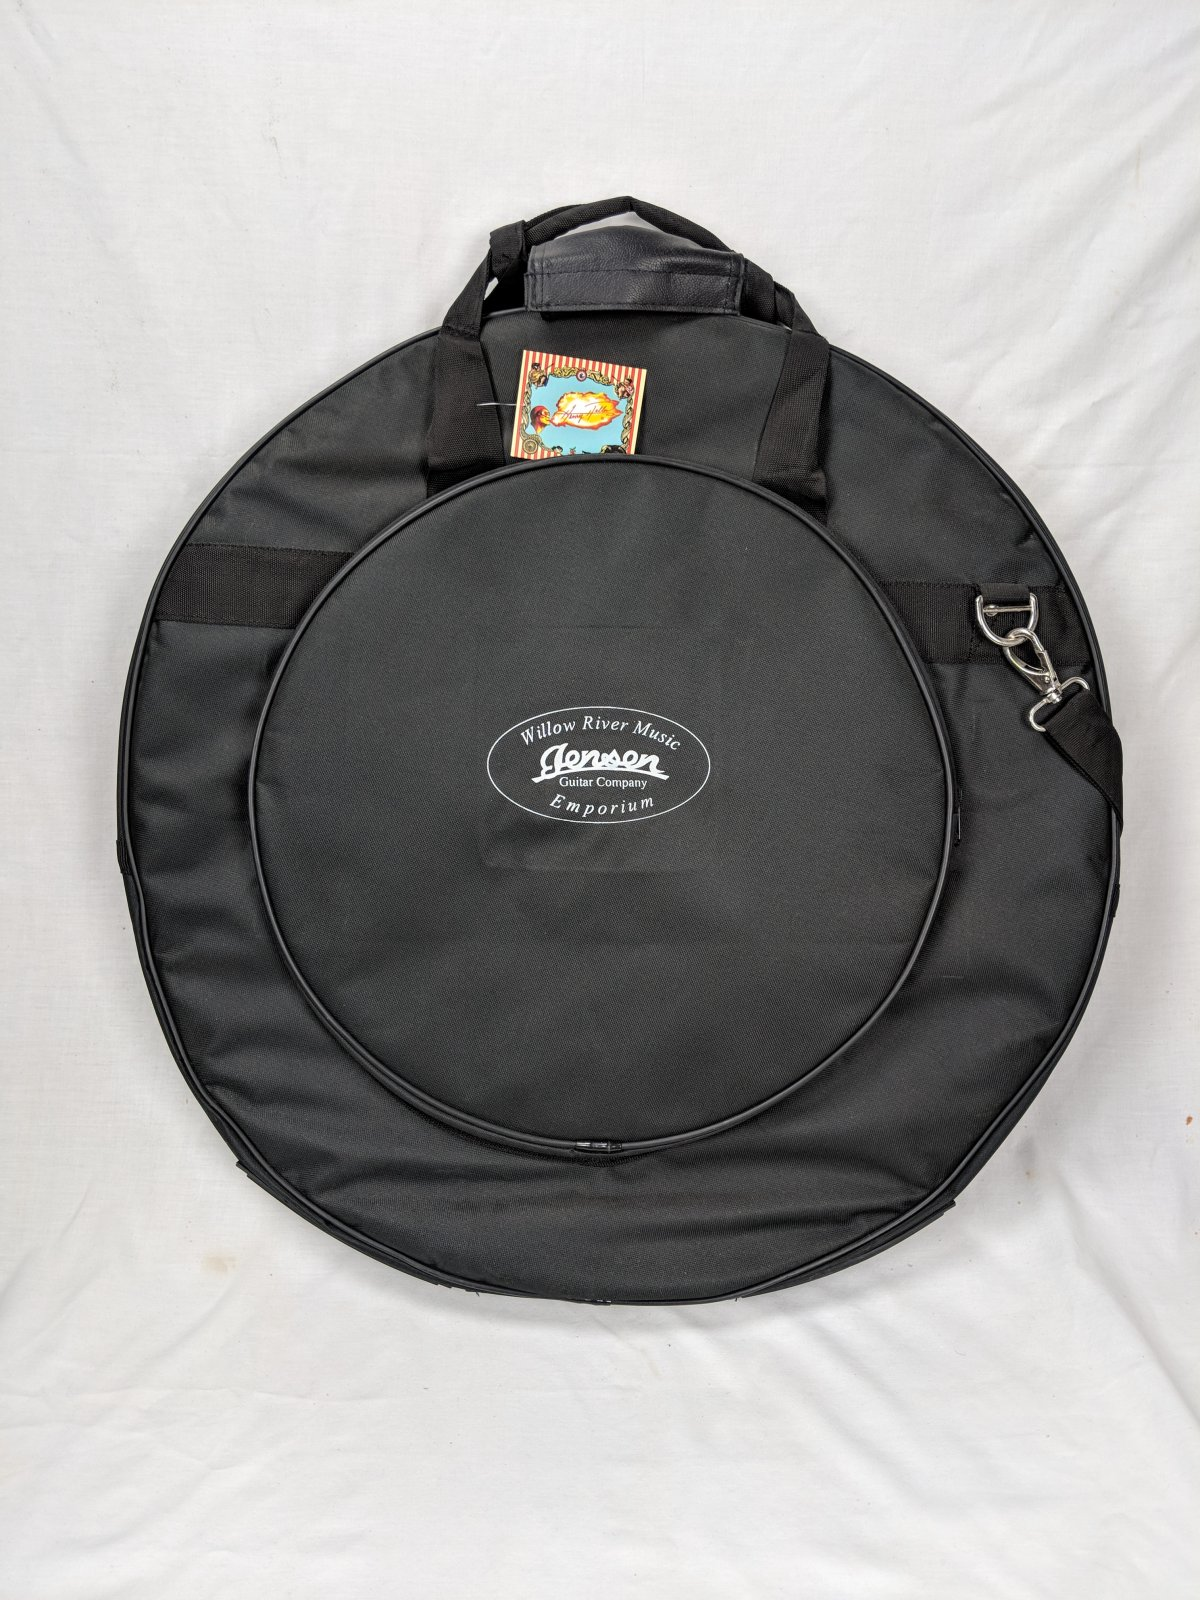 Henry Heller HGB-CY2 Cymbal Bag